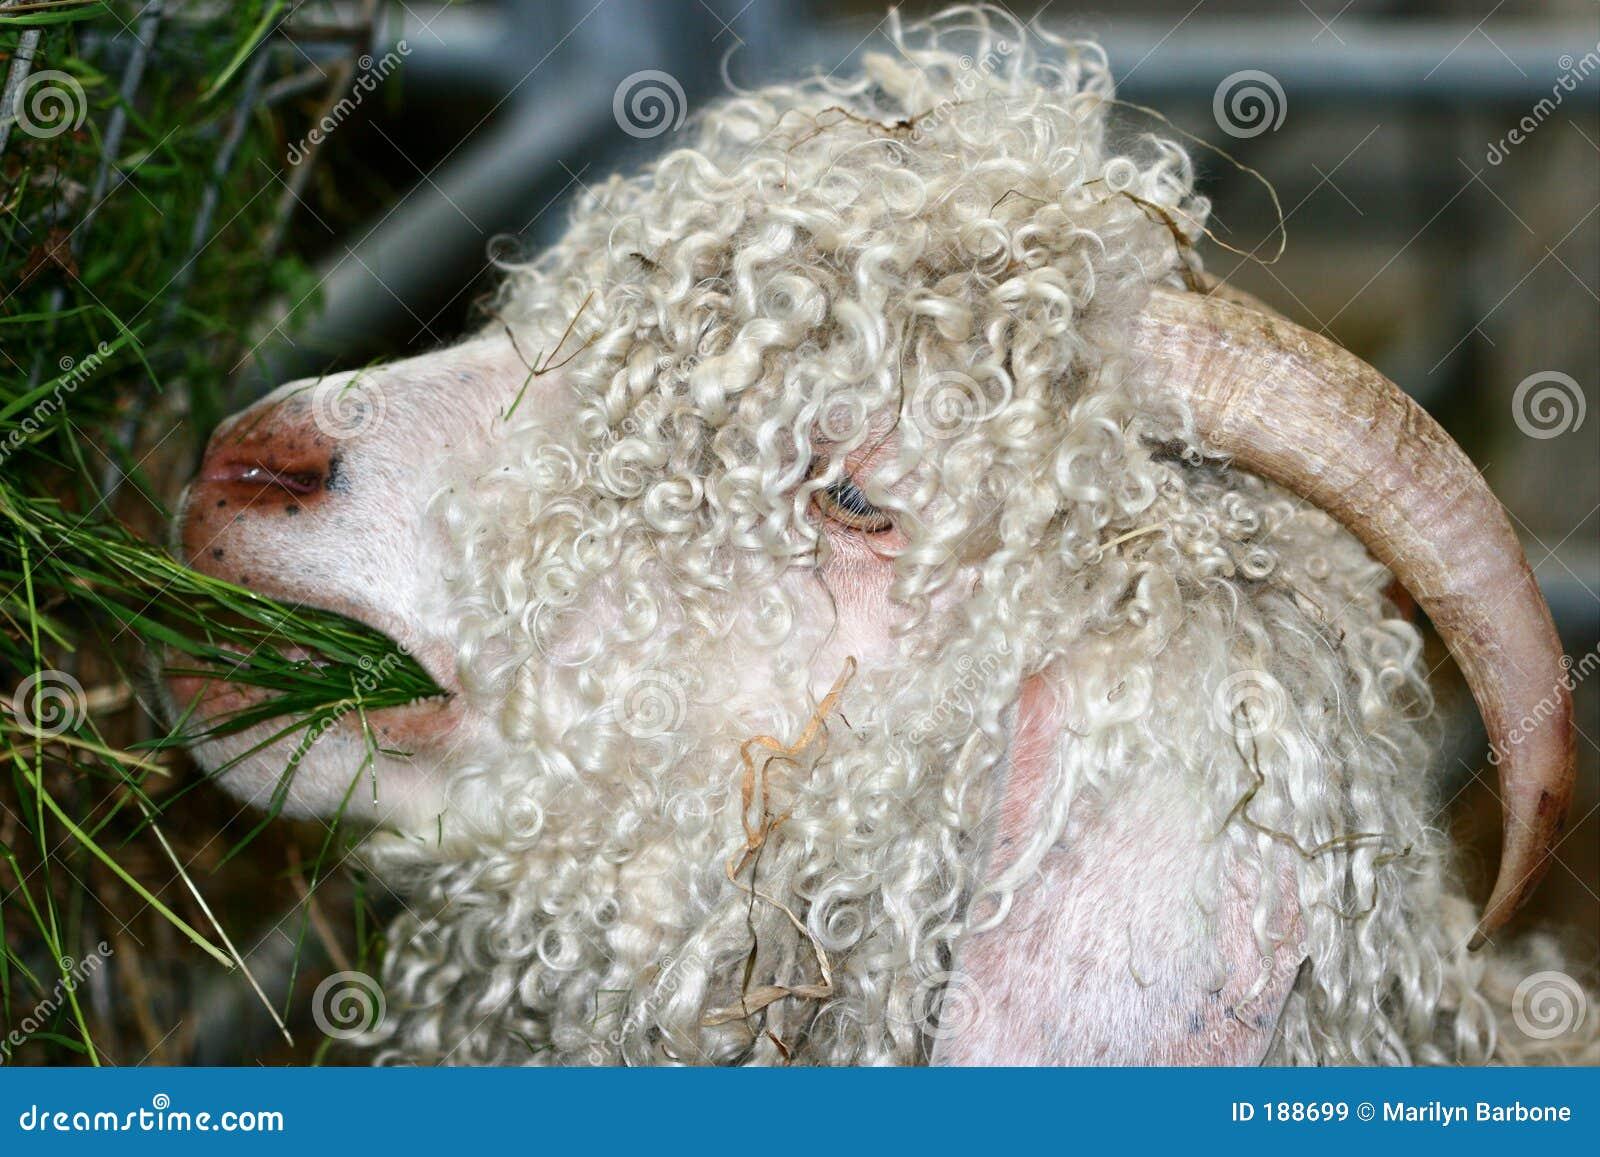 安哥拉猫山羊